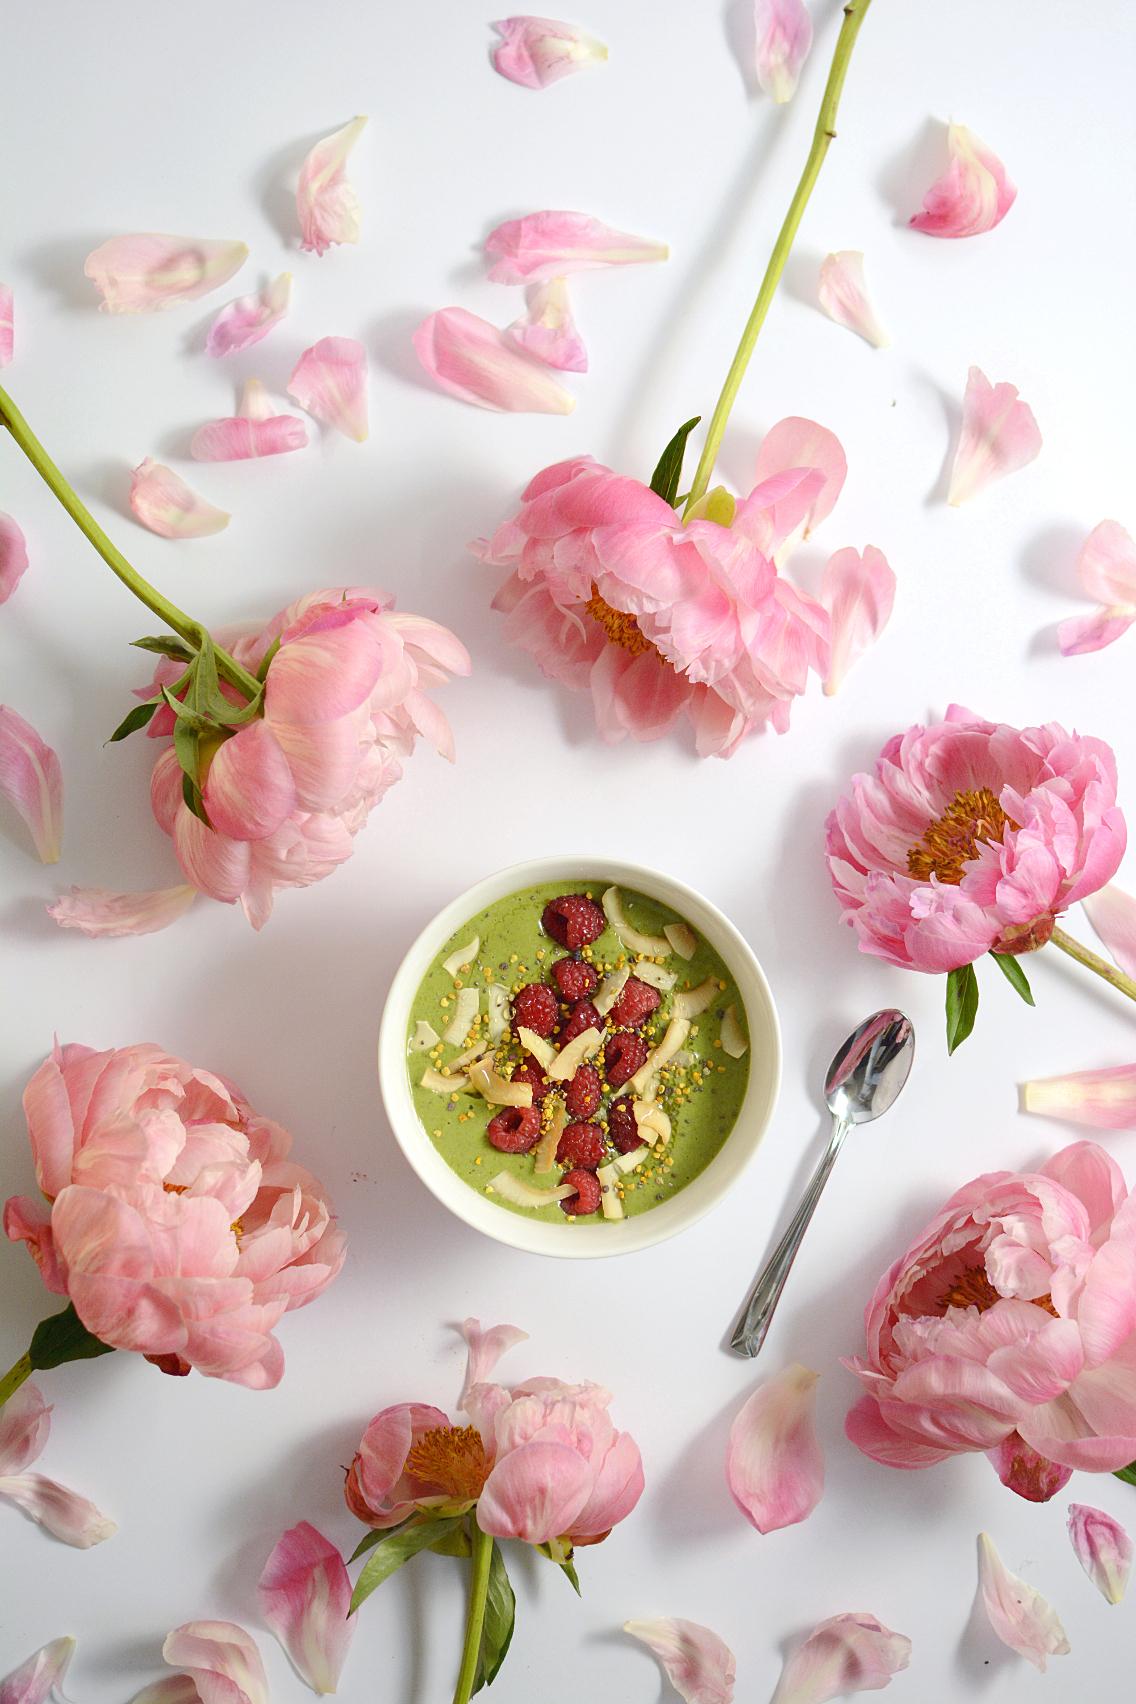 Matcha Green Tea Protein Smoothie Bowl 7